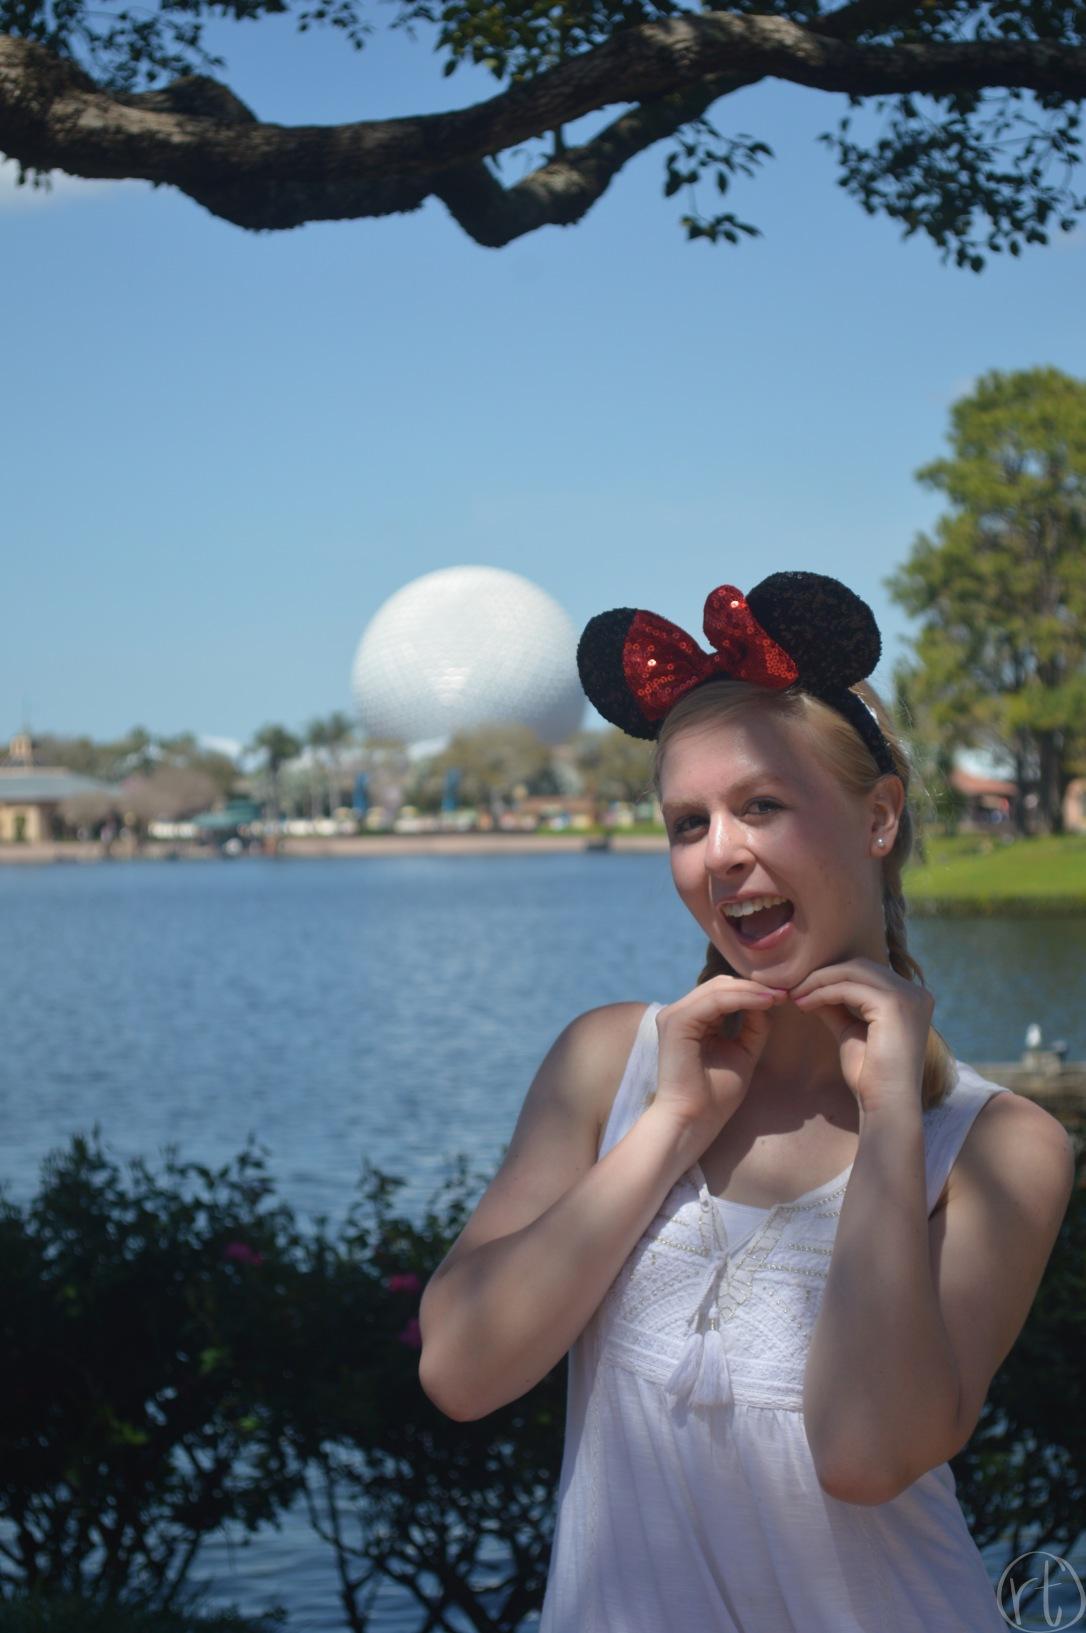 epcot-disney-world-wdw-orlando-florida-minnie-mouse